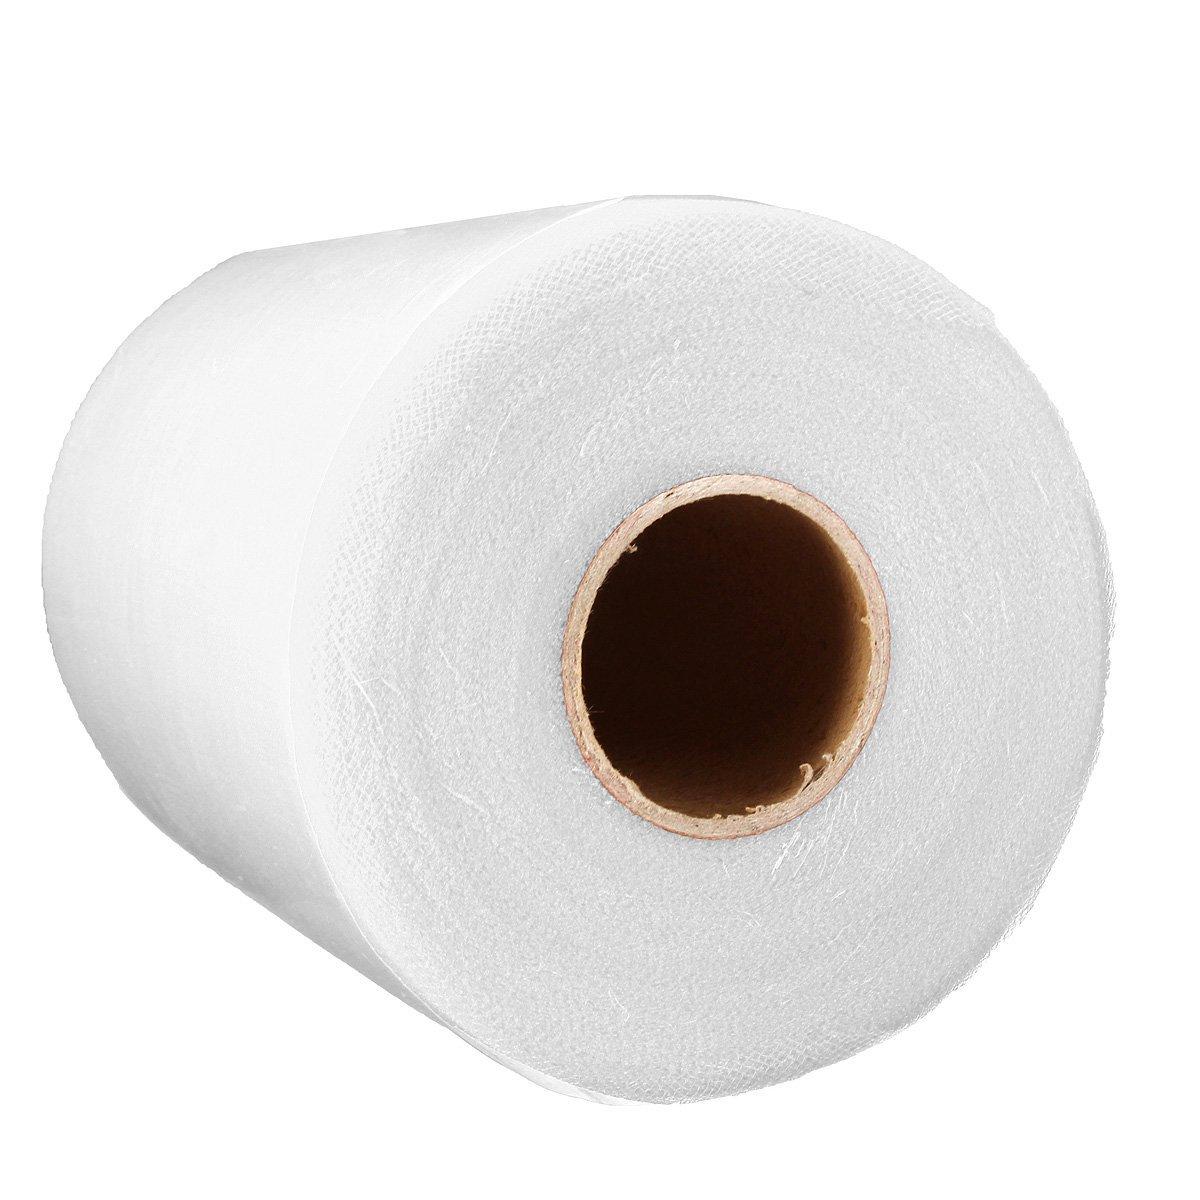 SODIAL(R) Soft 6x100yd Tulle Roll Spool Wedding Craft Bridal Wrap Party Decor 6x300' New milk white